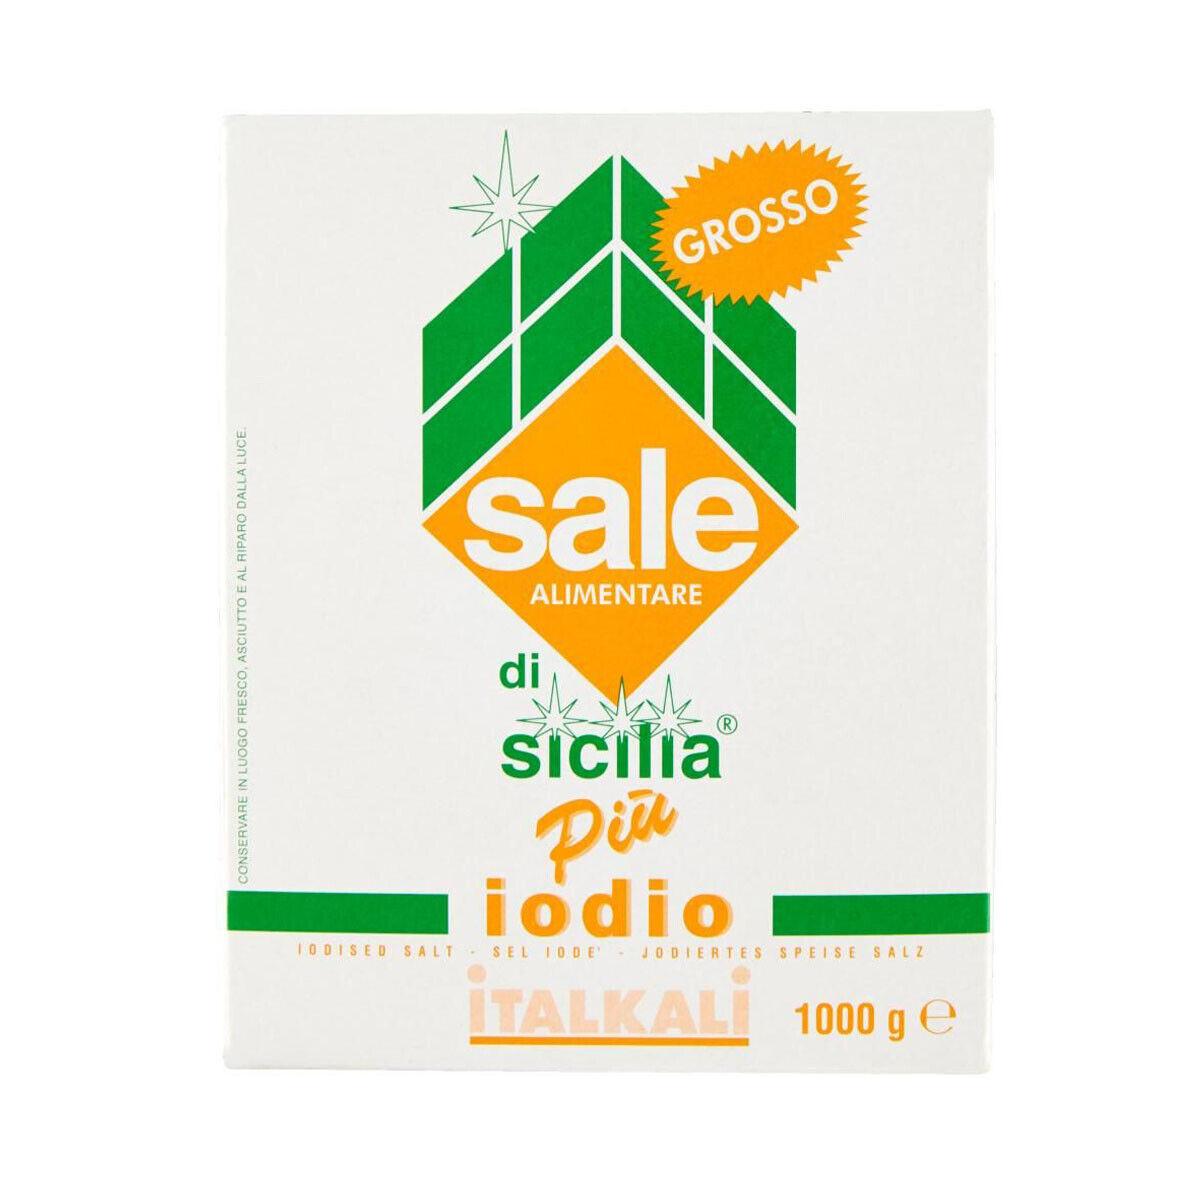 5,90 € per Sale Di Sicilia Più Iodio Grosso Confezione Da 1kg Italkali  su eBay.it